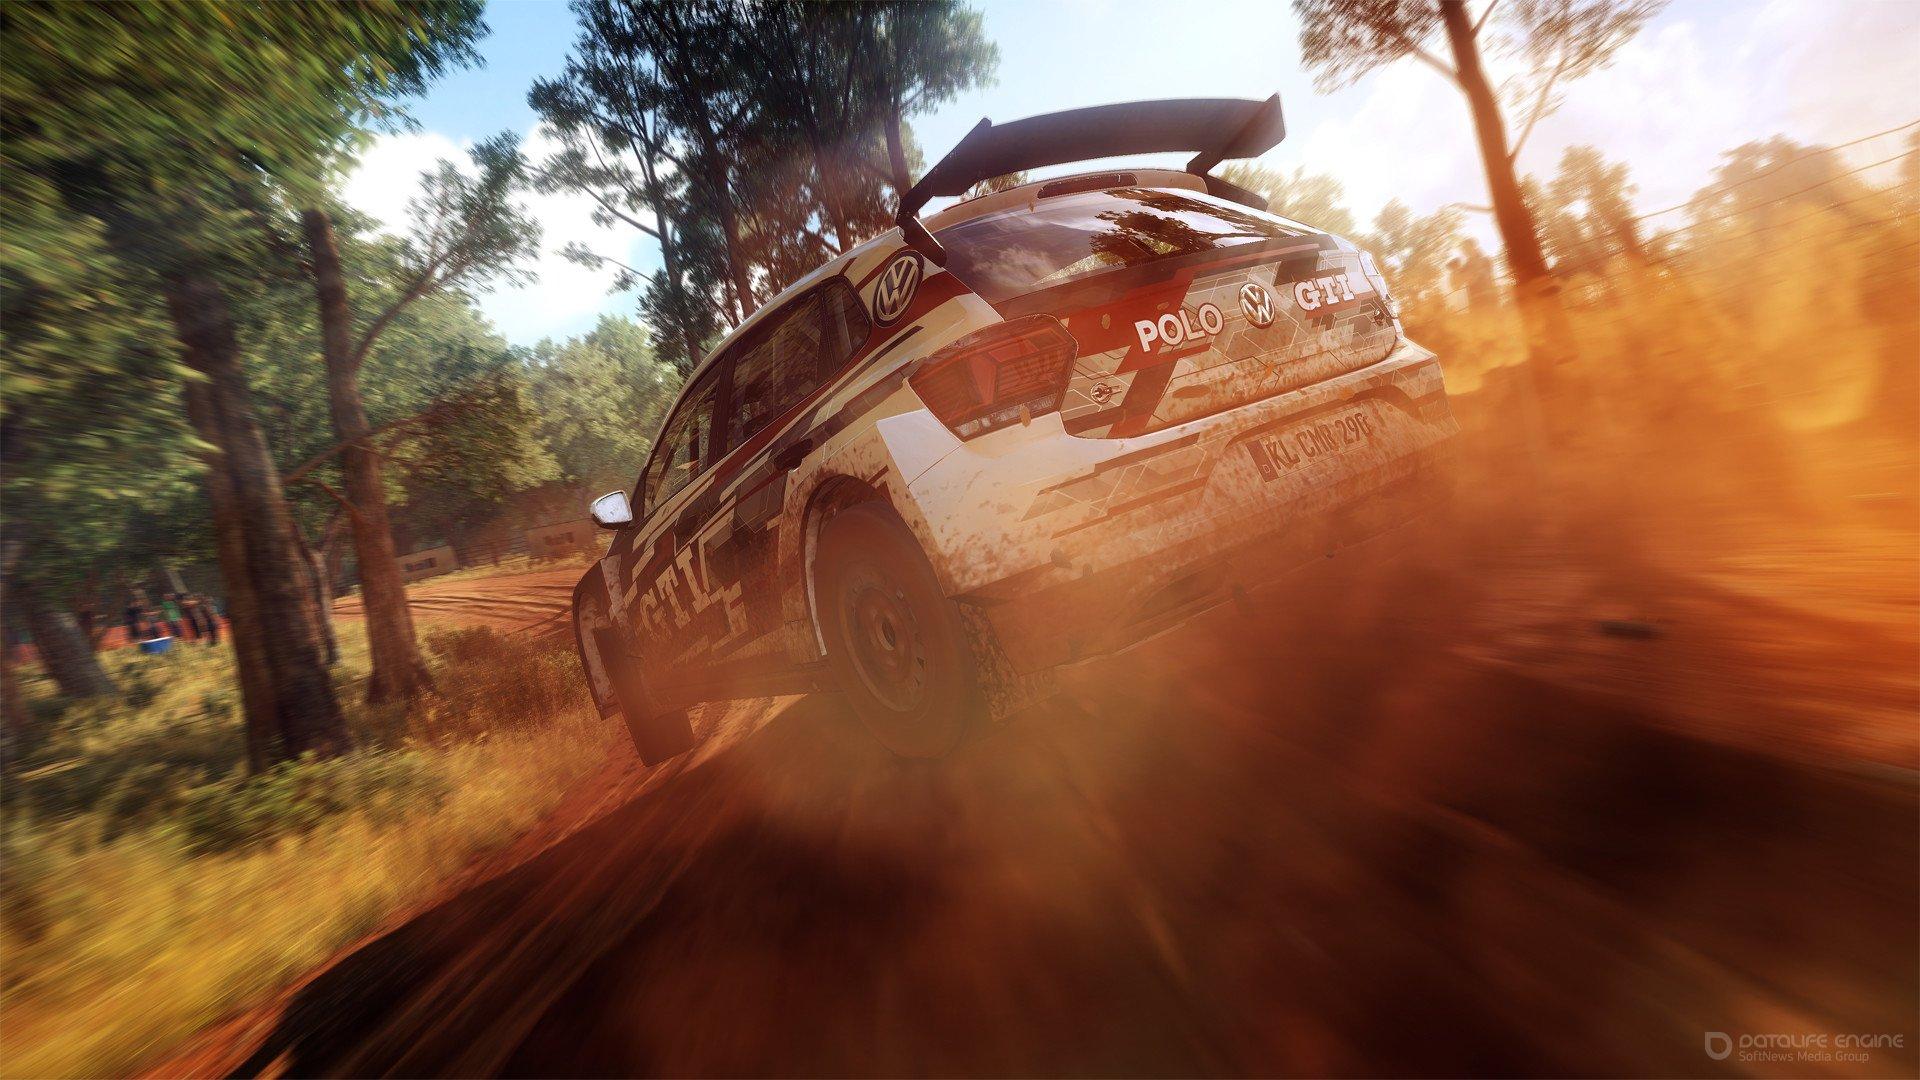 Скриншот к игре DiRT Rally 2.0 - Game of the Year Edition [v. 1.13.0+DLC] (2019) скачать торрент RePack